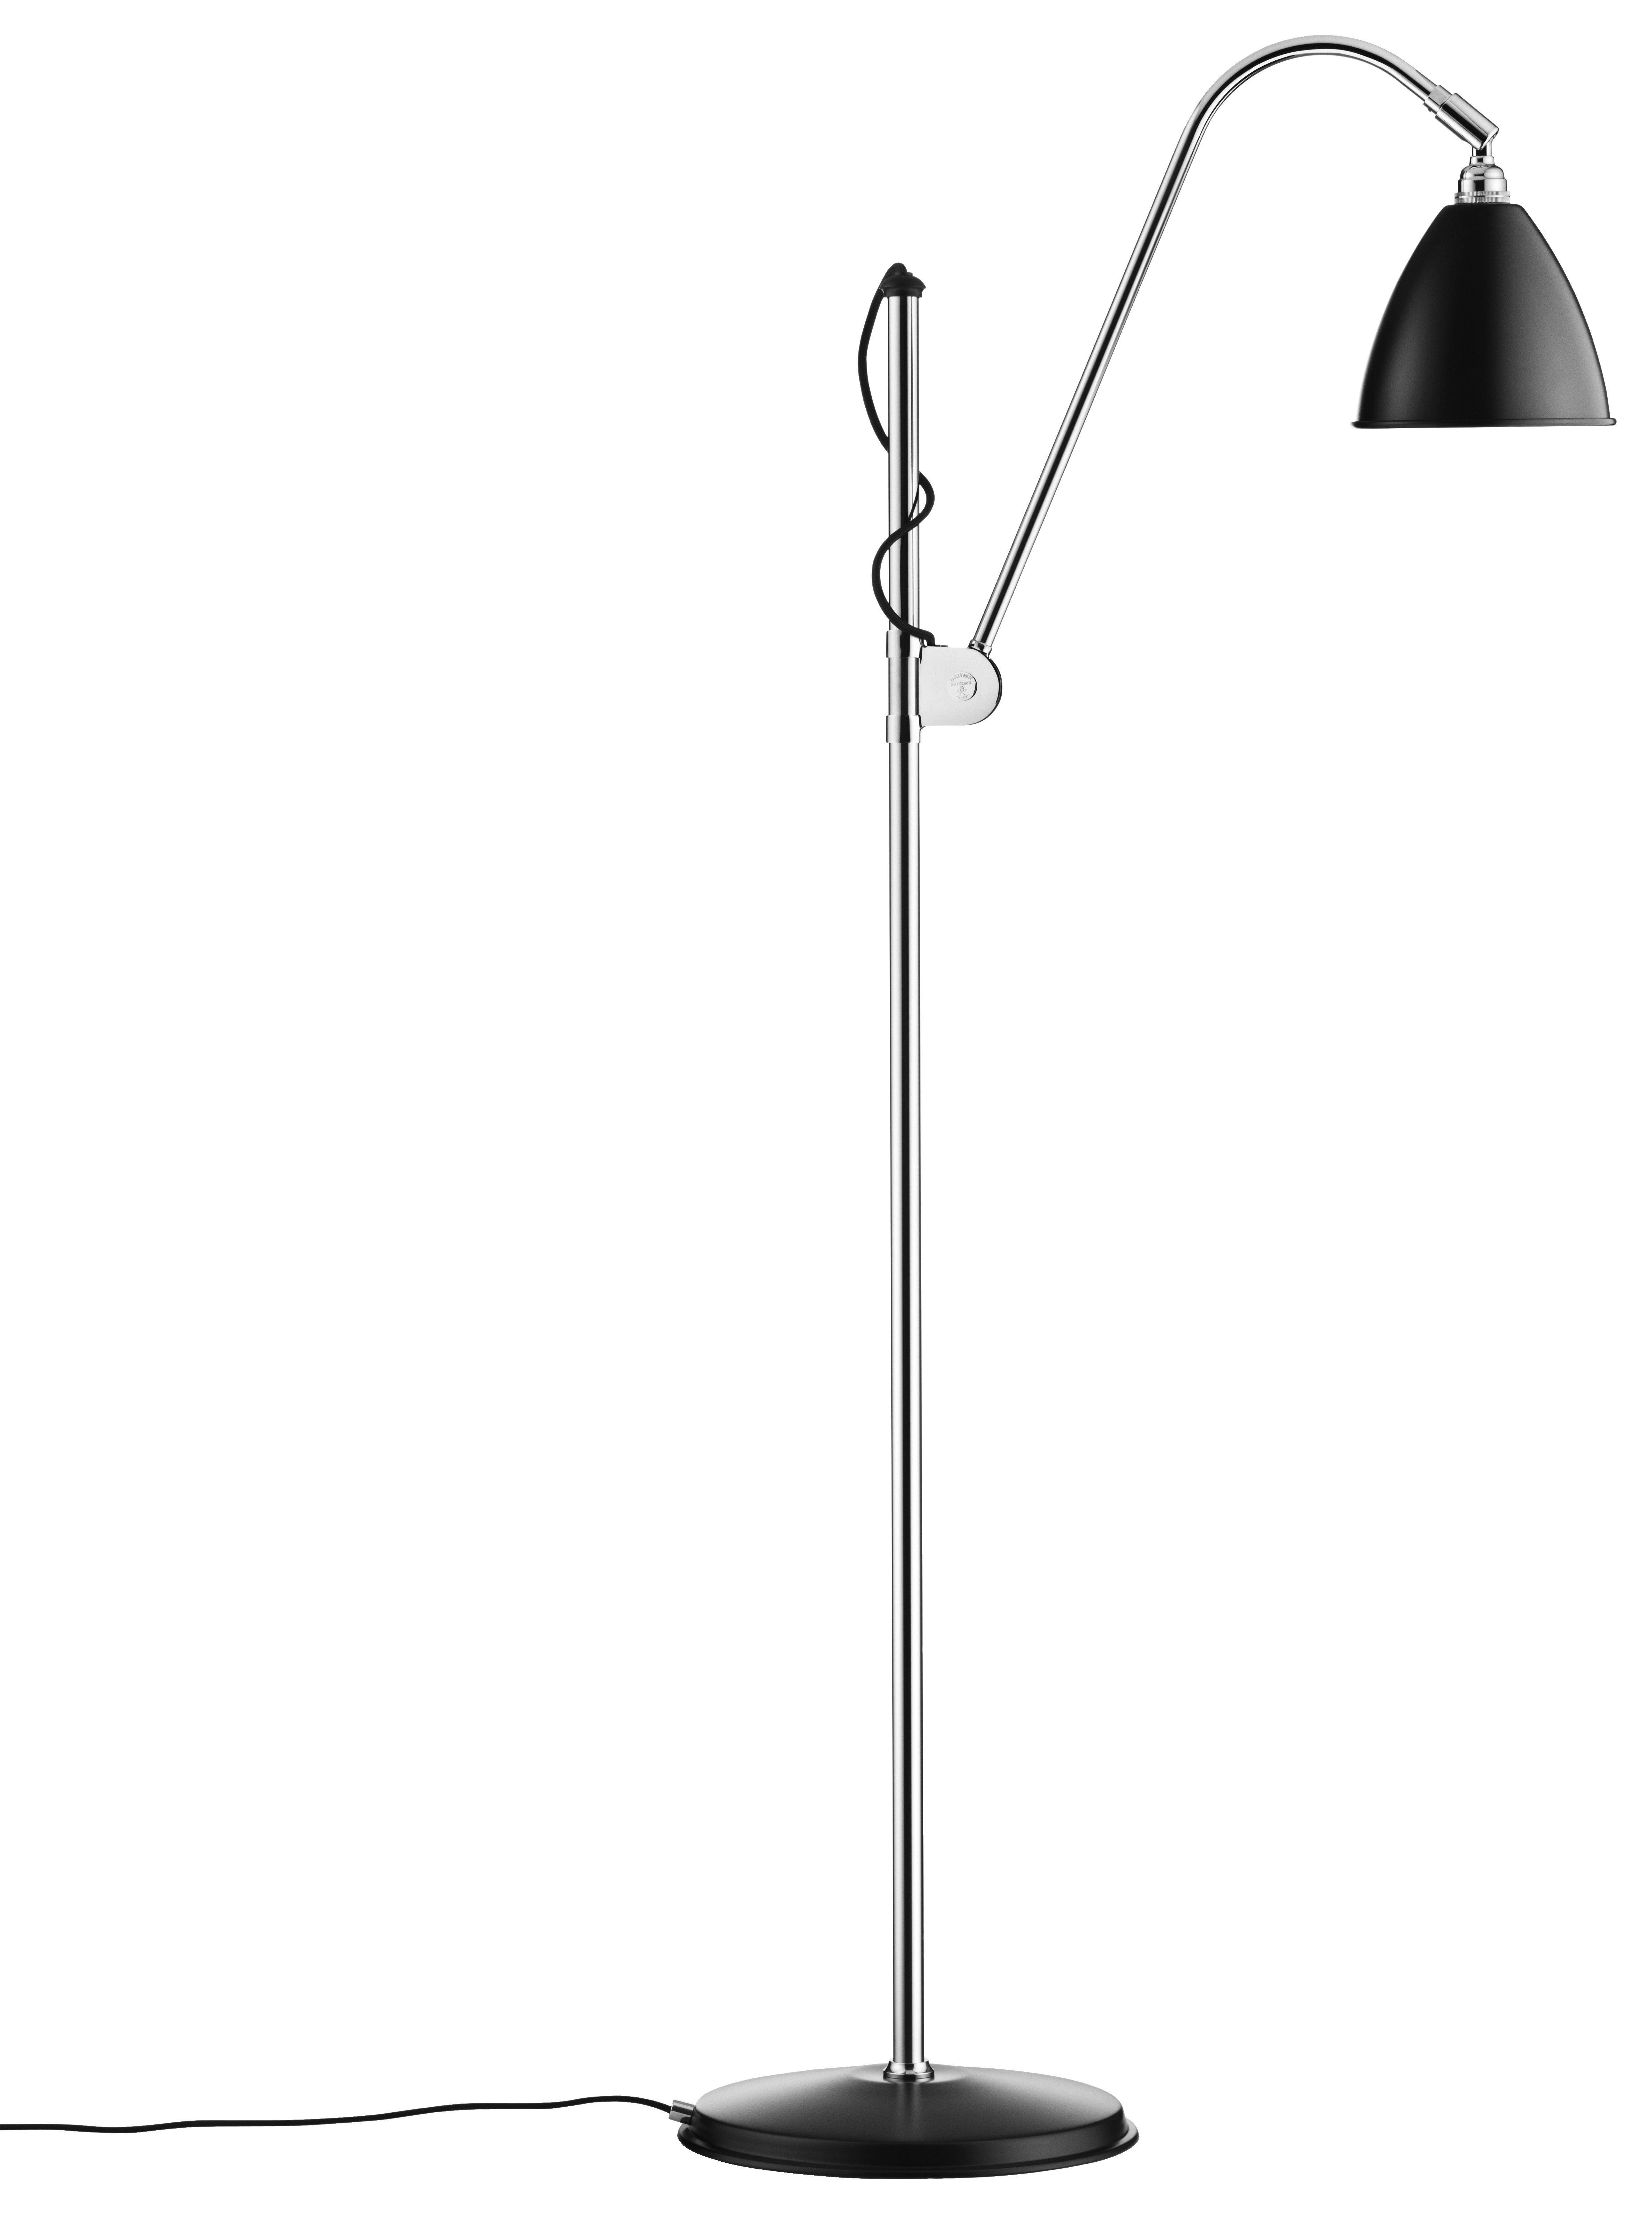 Luminaire - Lampadaires - Lampadaire Bestlite BL3 / Réédition de 1930 - Gubi - Noir - Métal chromé